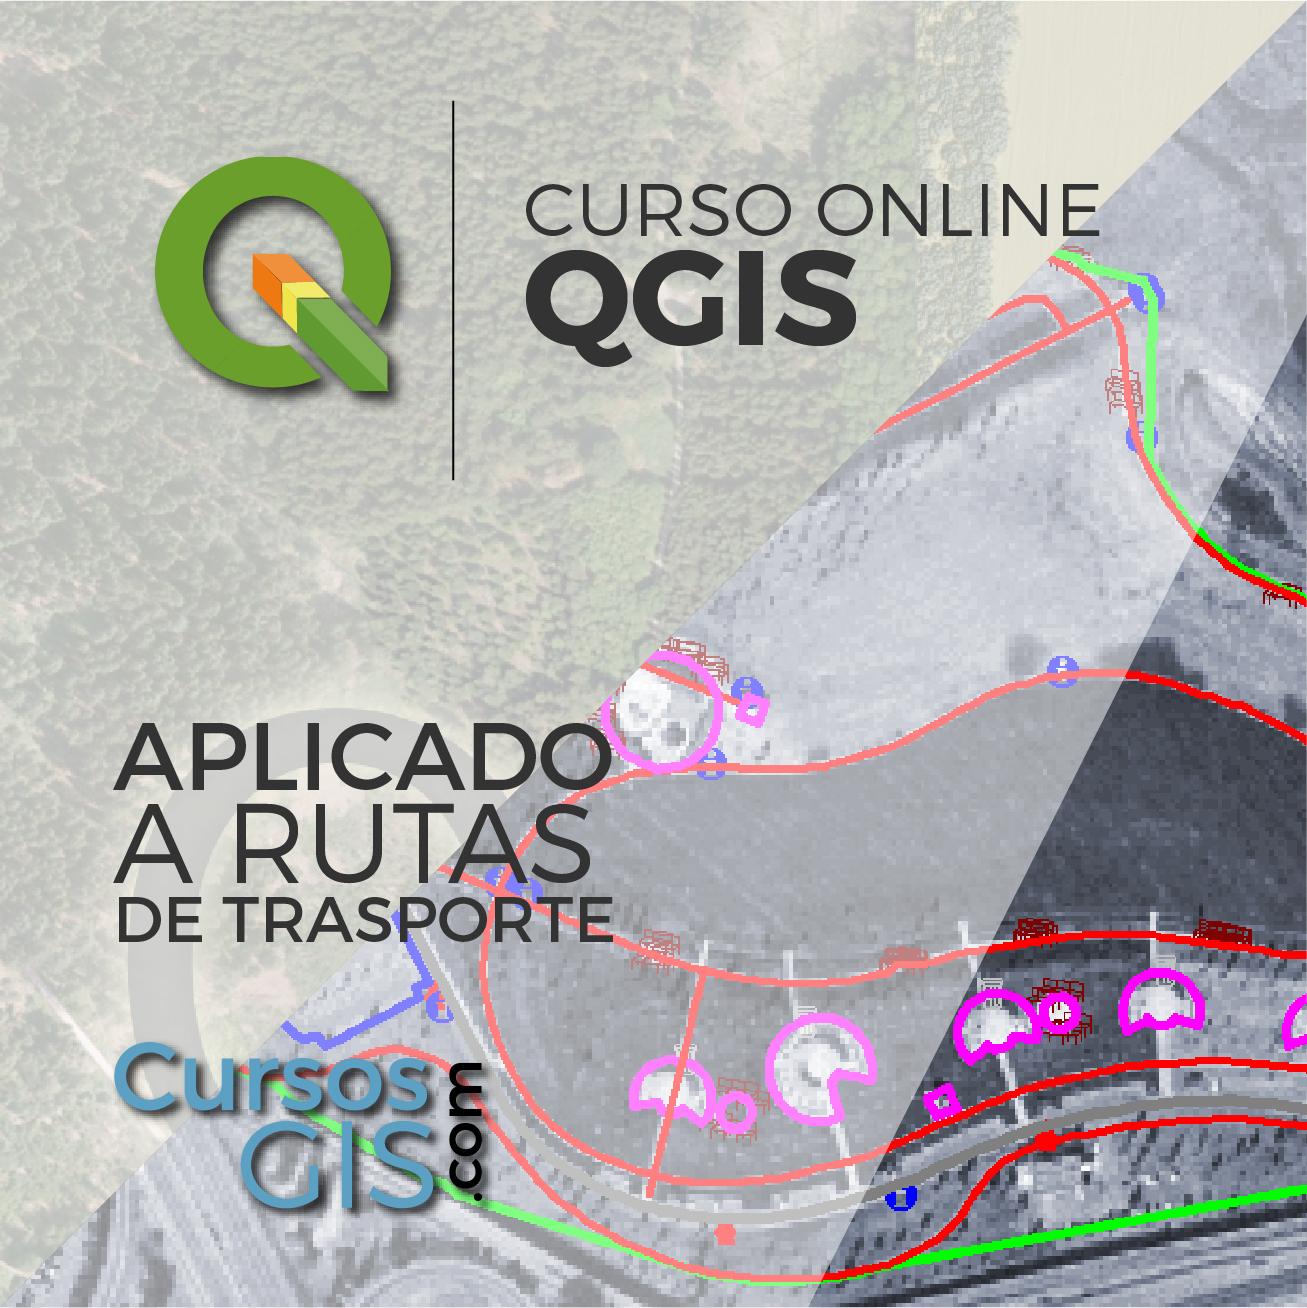 Curso Online qgis aplicado a rutas de tranporte